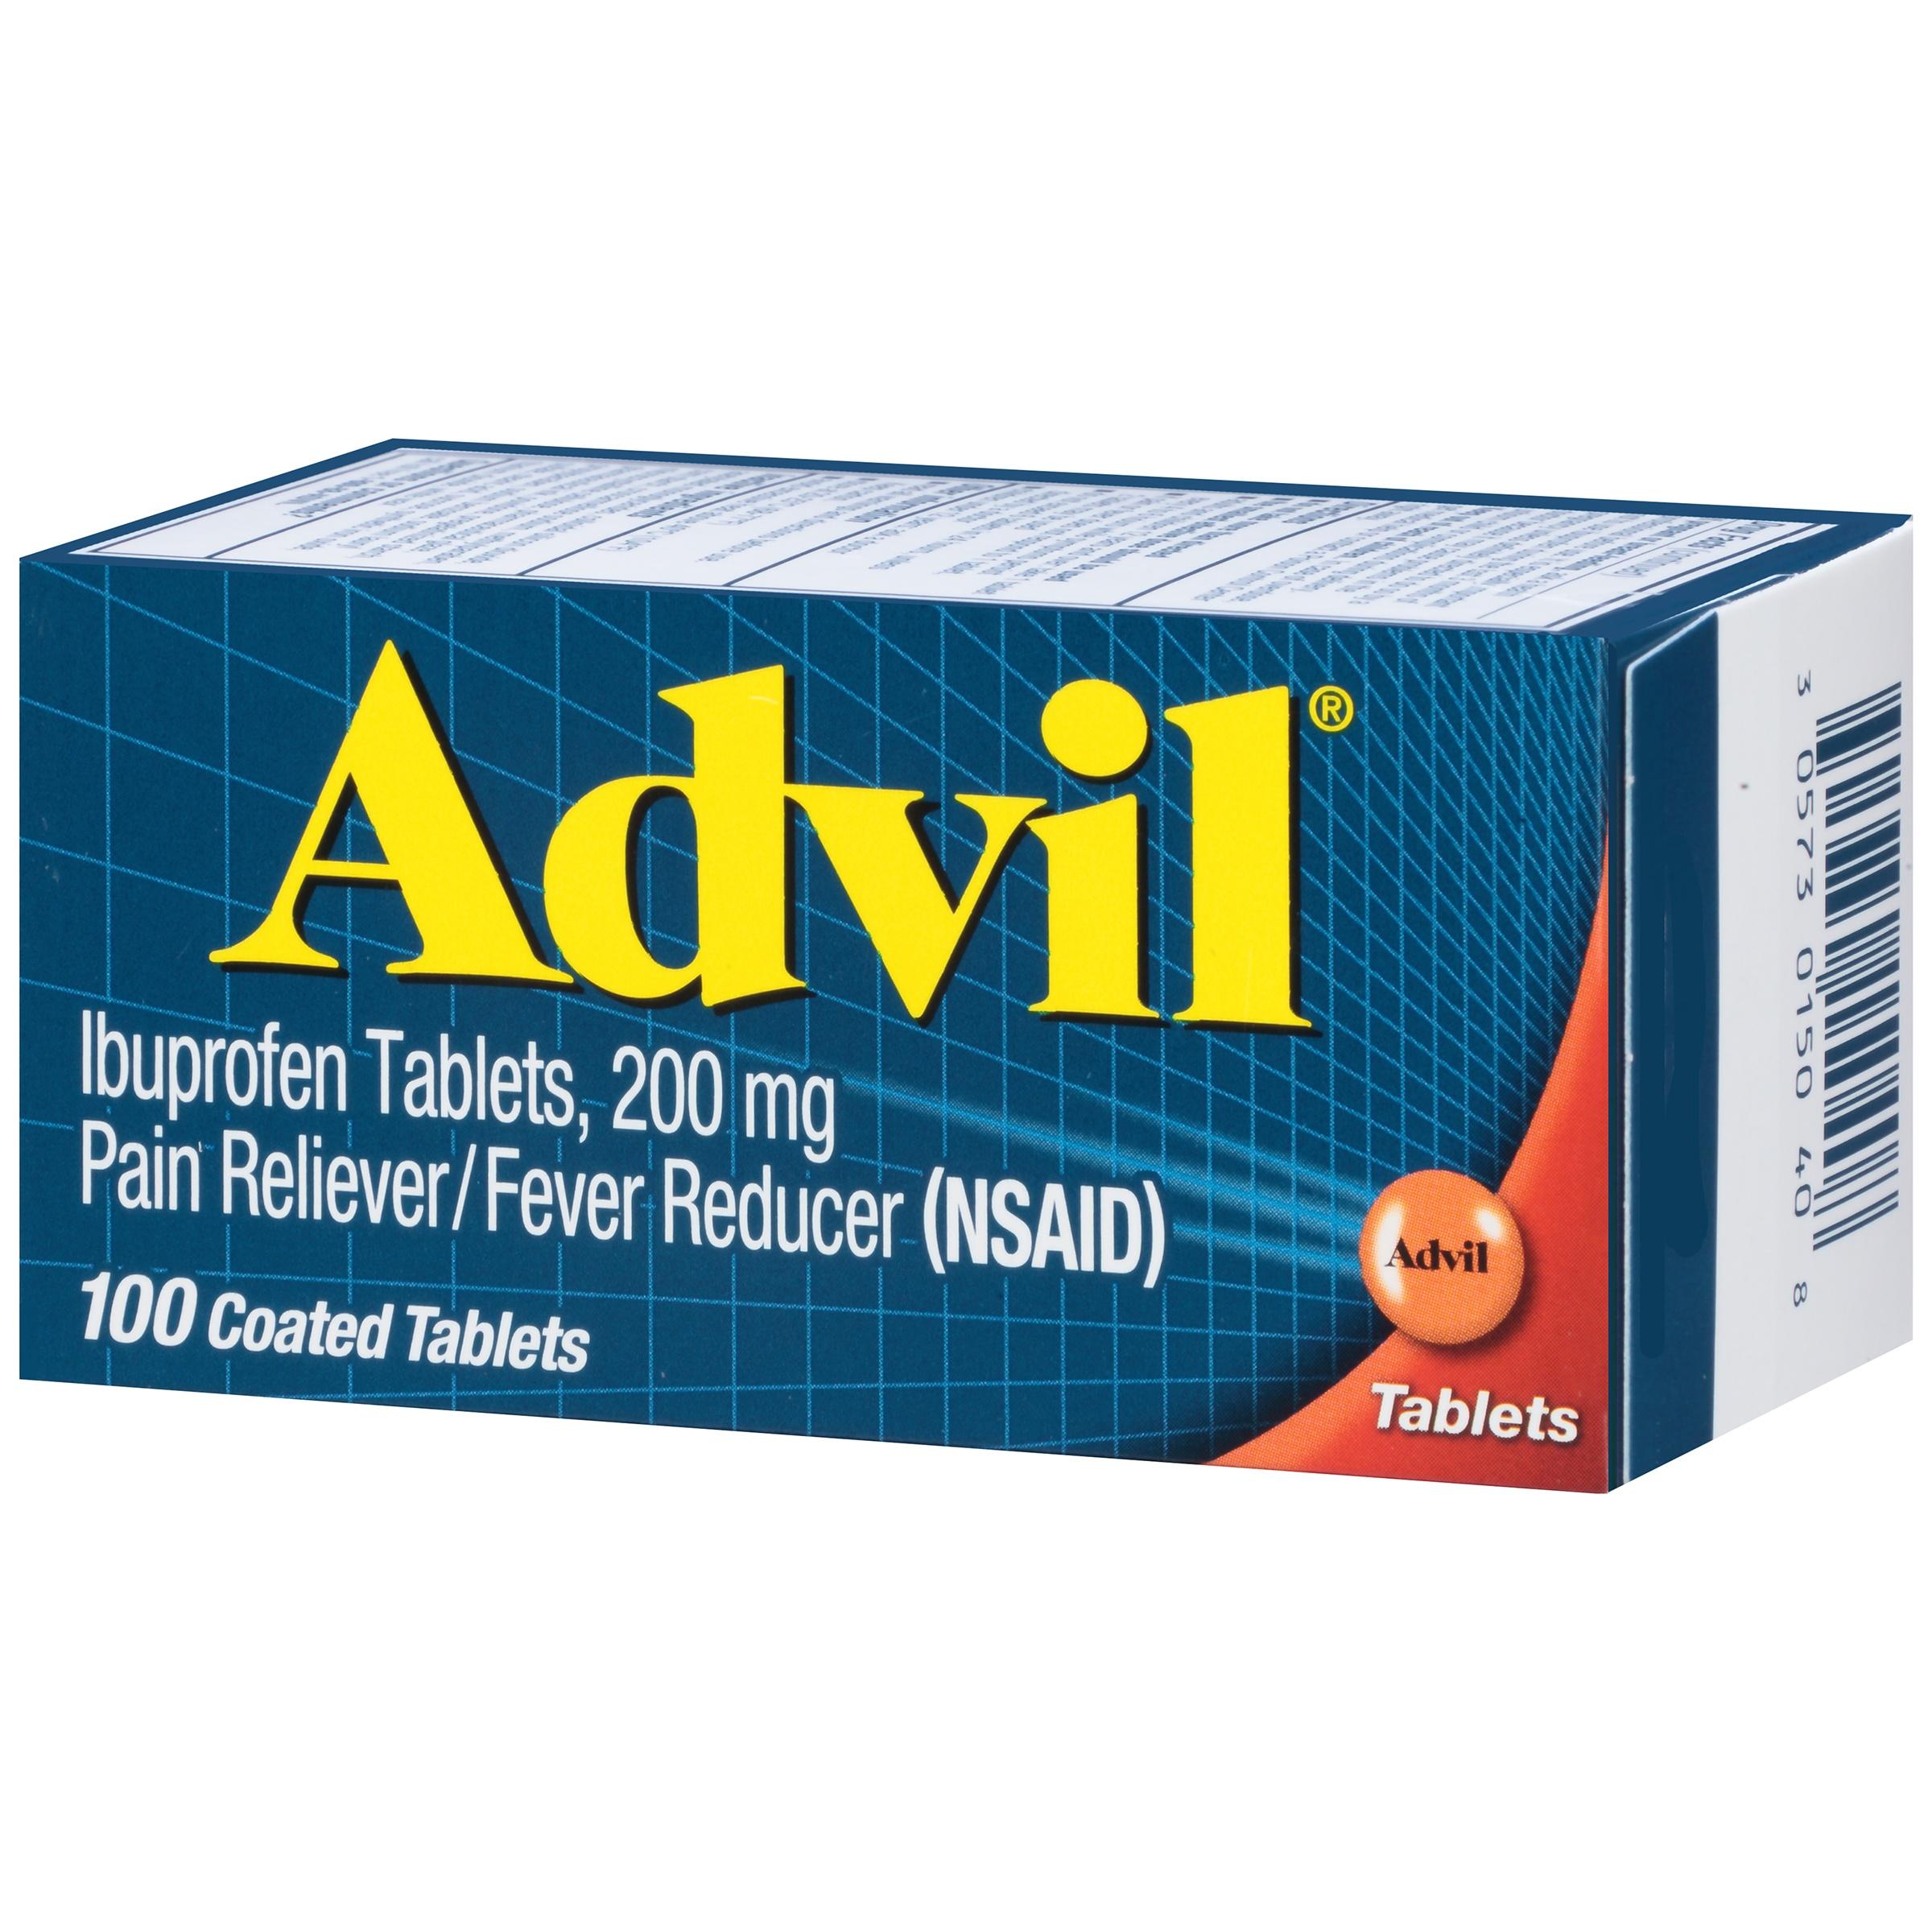 Thuốc giảm đau hạ sốt Advil 100 viên của Mỹ - Giảm nhức đầu, các triệu chứng đau khác